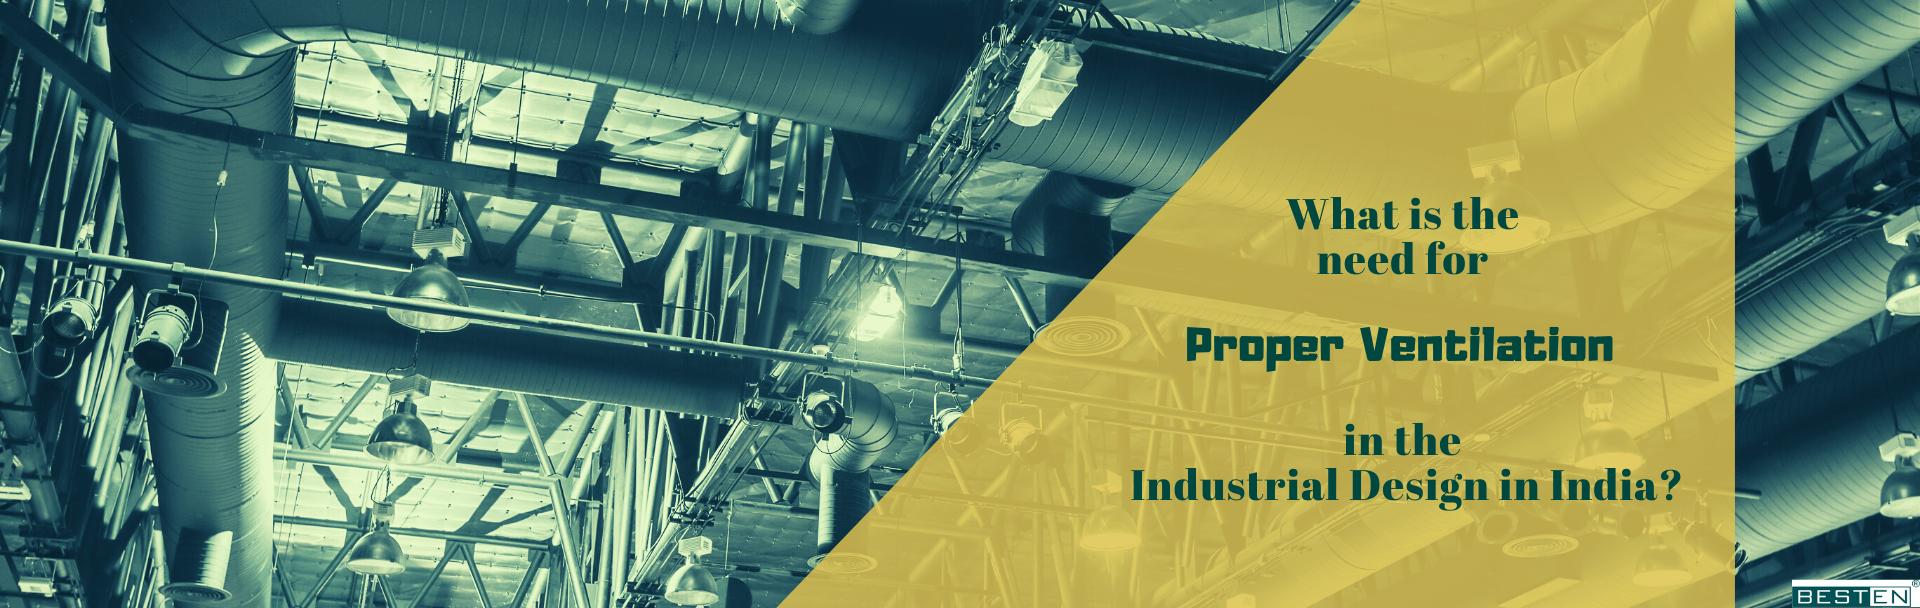 Industry infrastructure design